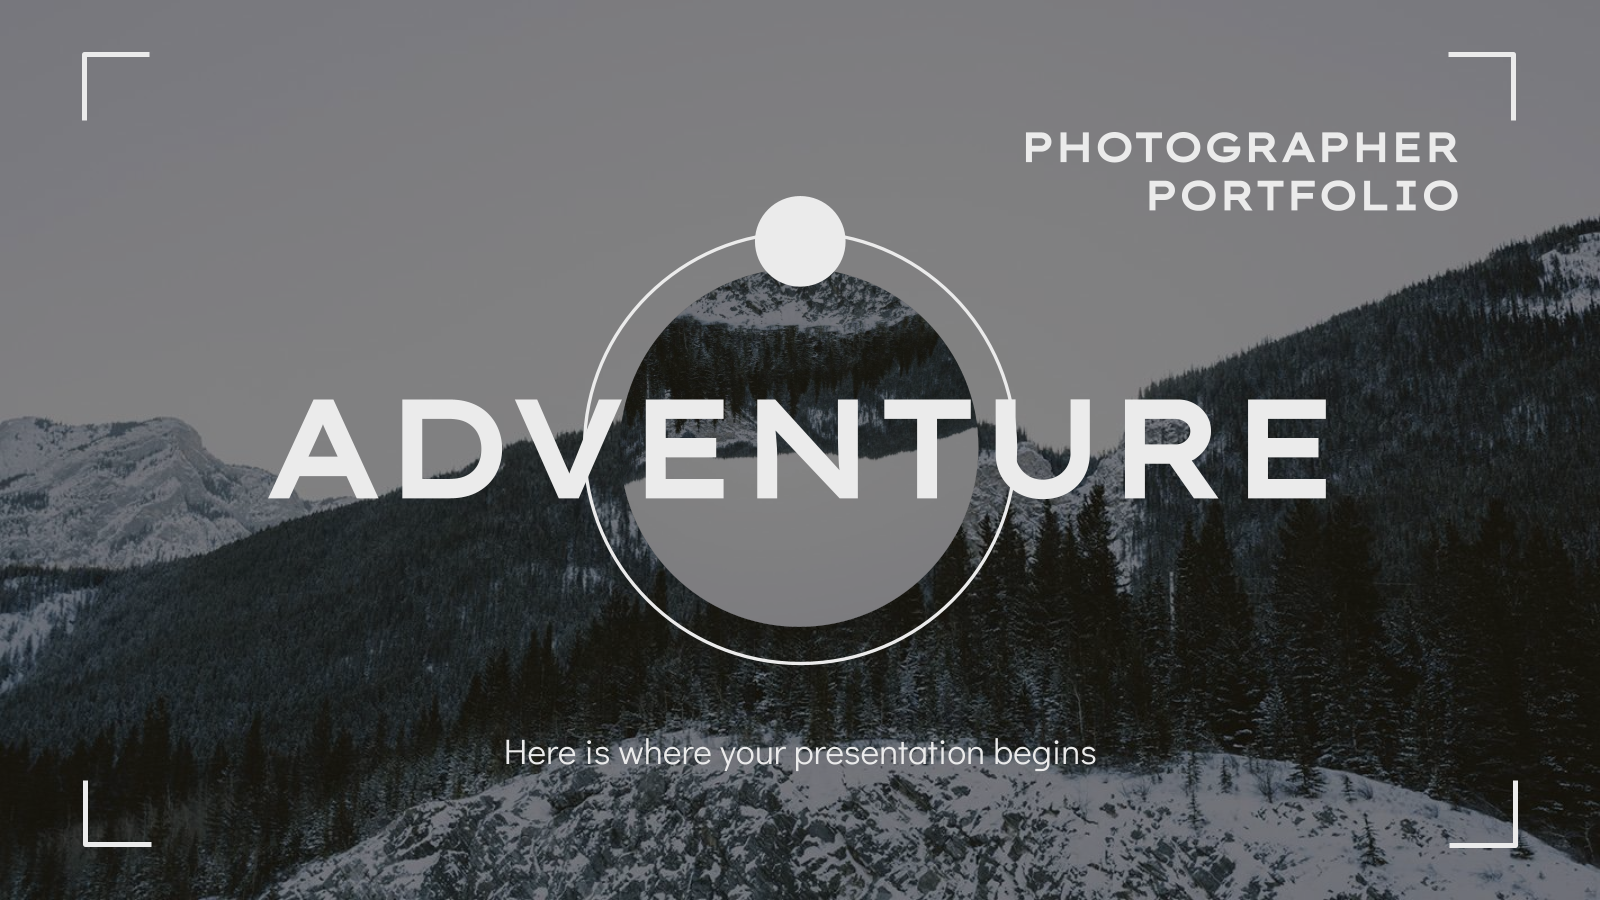 Plantilla de presentación Portafolio de fotógrafo aventurero